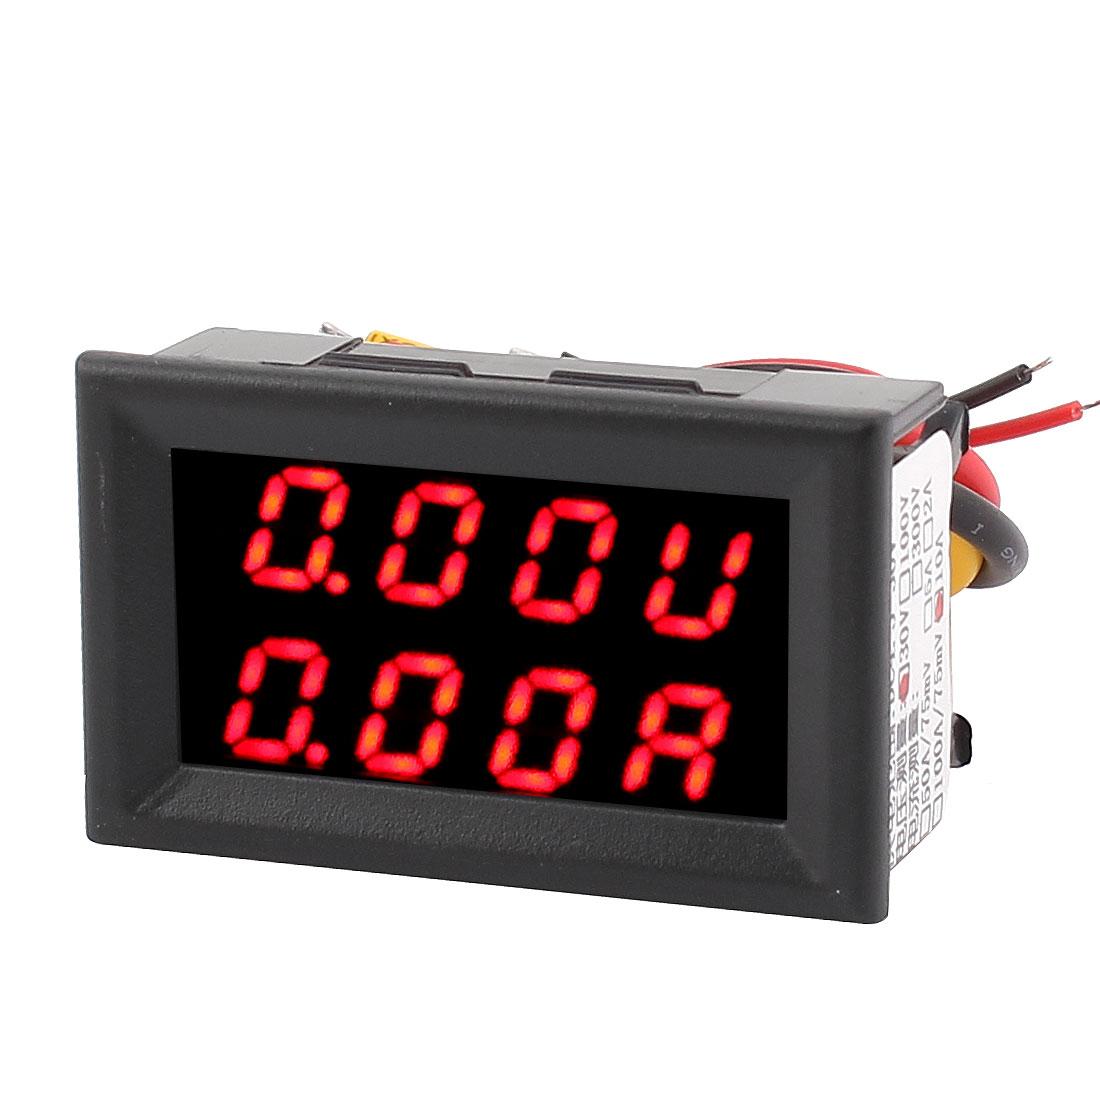 DC 0-30V 0-10A Red LED Dual Digital Panel Voltmeter Ammeter Meter Gauge